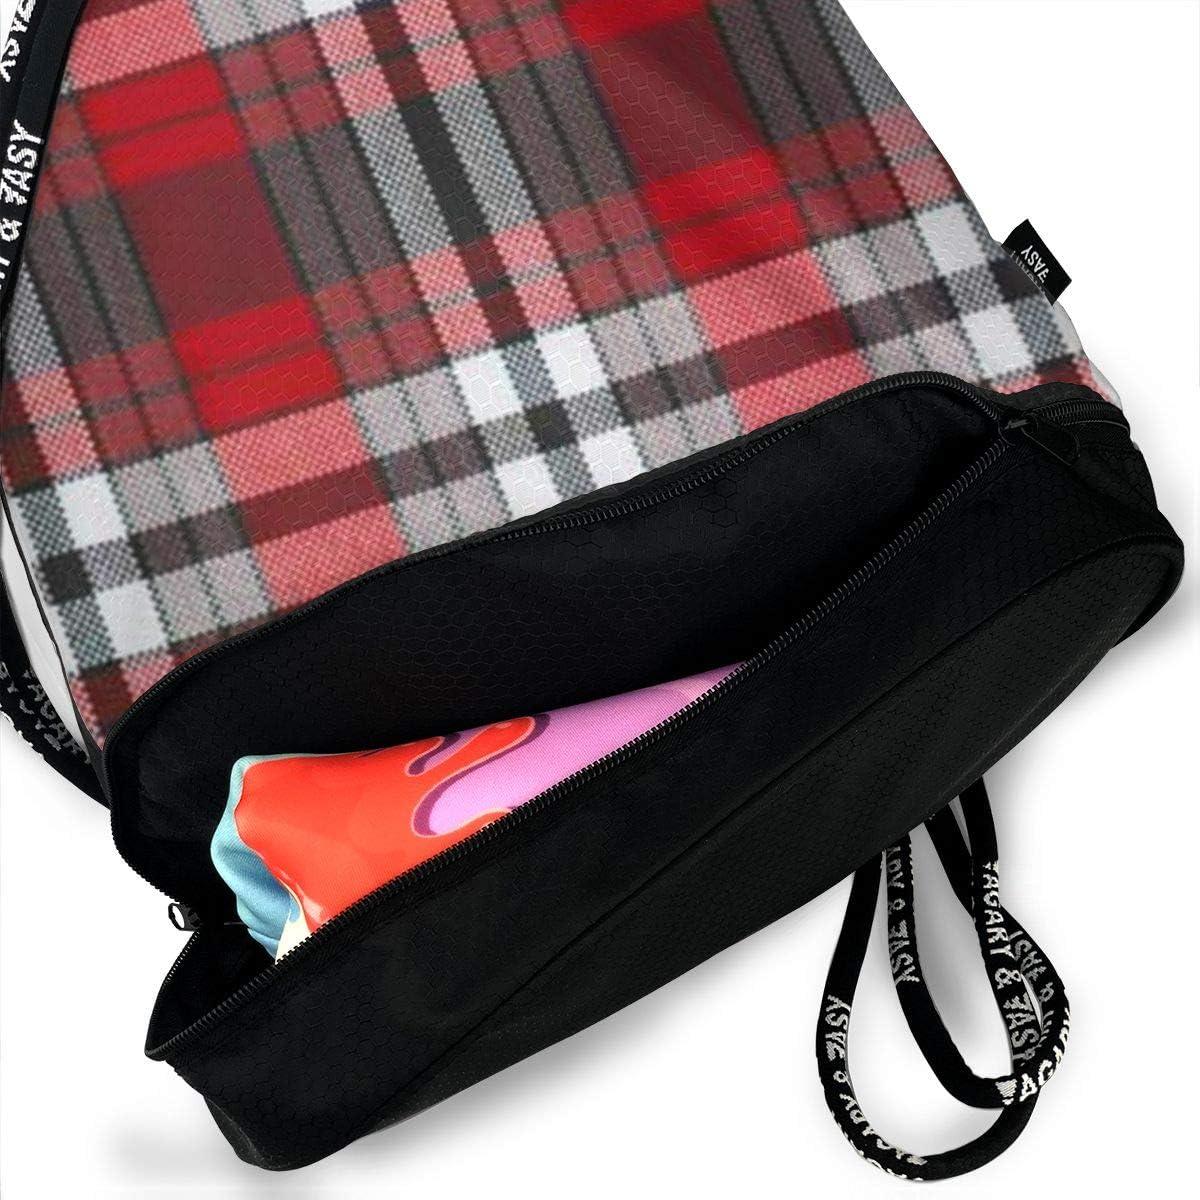 HUOPR5Q Red White Black Plaid Drawstring Backpack Sport Gym Sack Shoulder Bulk Bag Dance Bag for School Travel